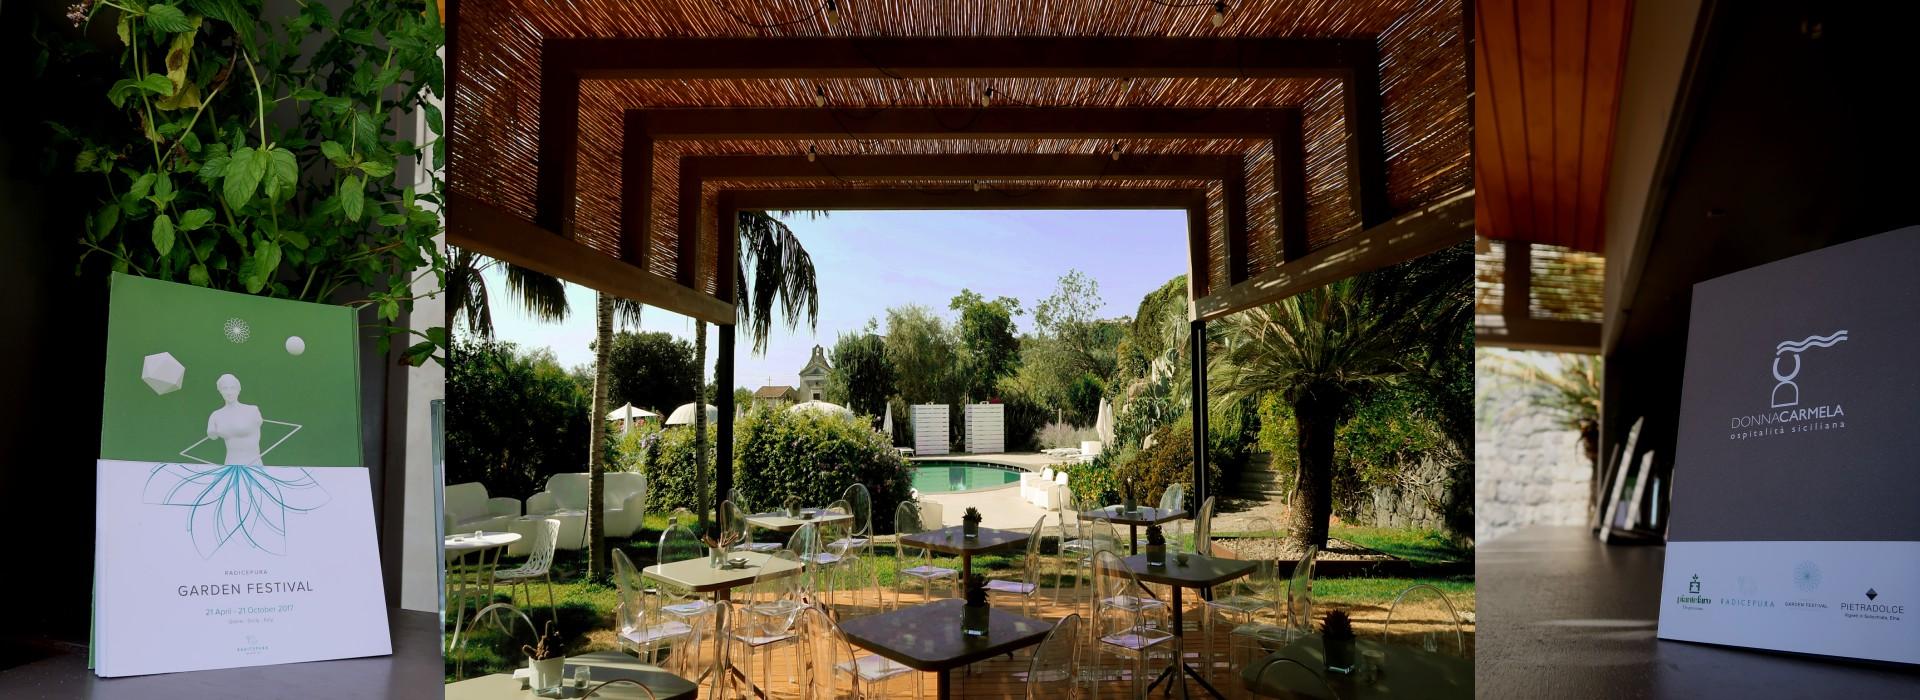 Terni, Montefranco, Umbria – Materiale Edile, Rivenditore Edilizia ...